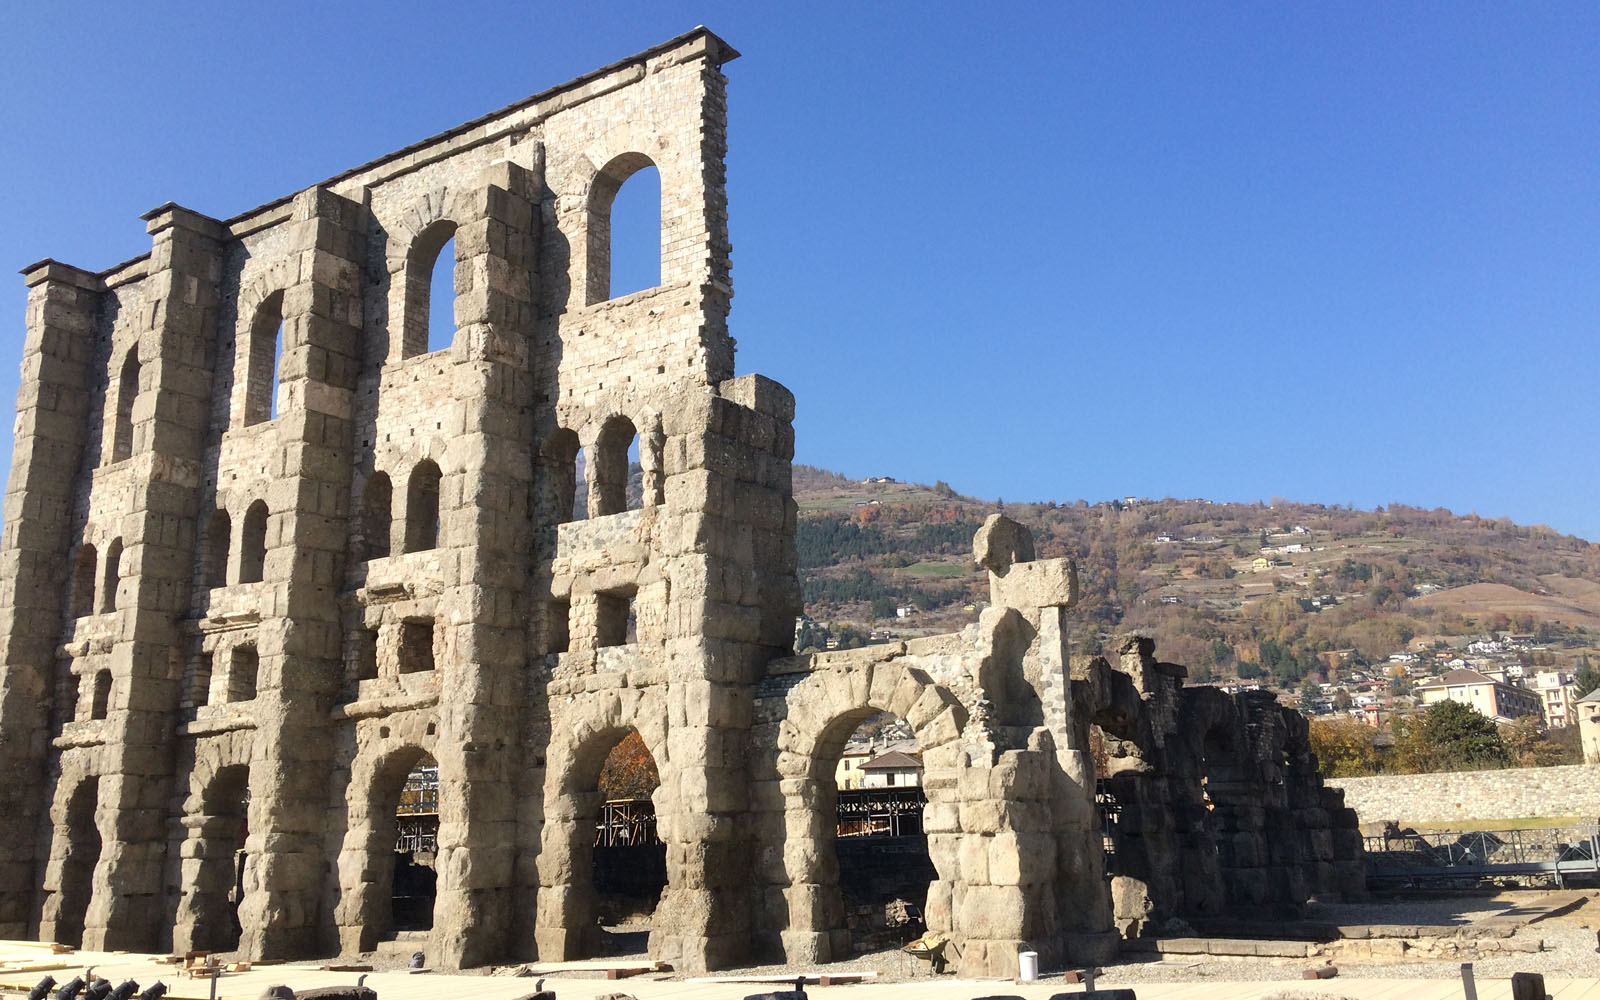 Il teatro romano di Aosta, che ogni hanno ospita il mercato di Natale.